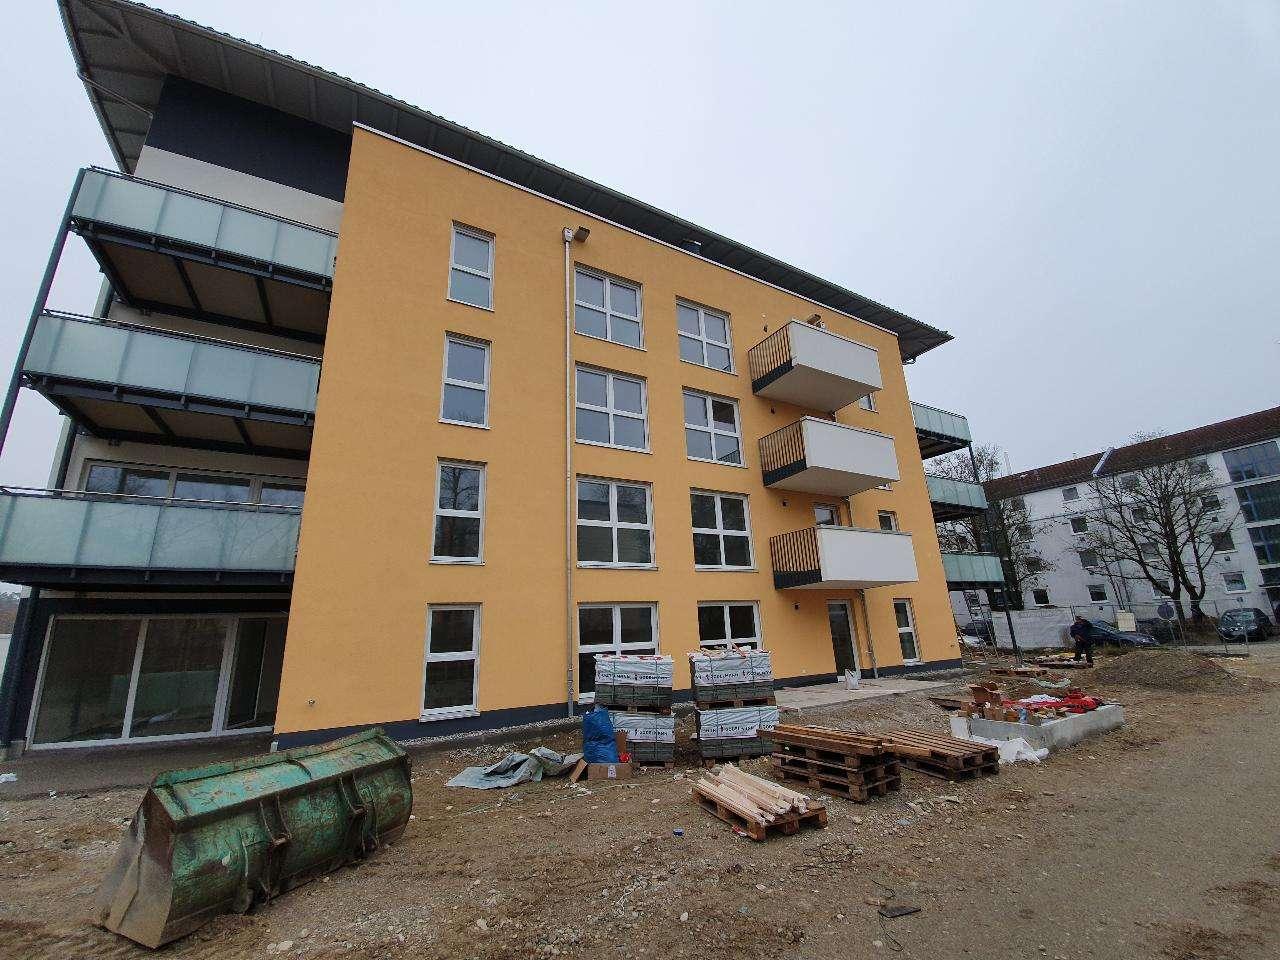 VORANKÜNDIGUNG - NEUBAU - 2-Zimmer-Wohnung in Waldkraiburg in Waldkraiburg